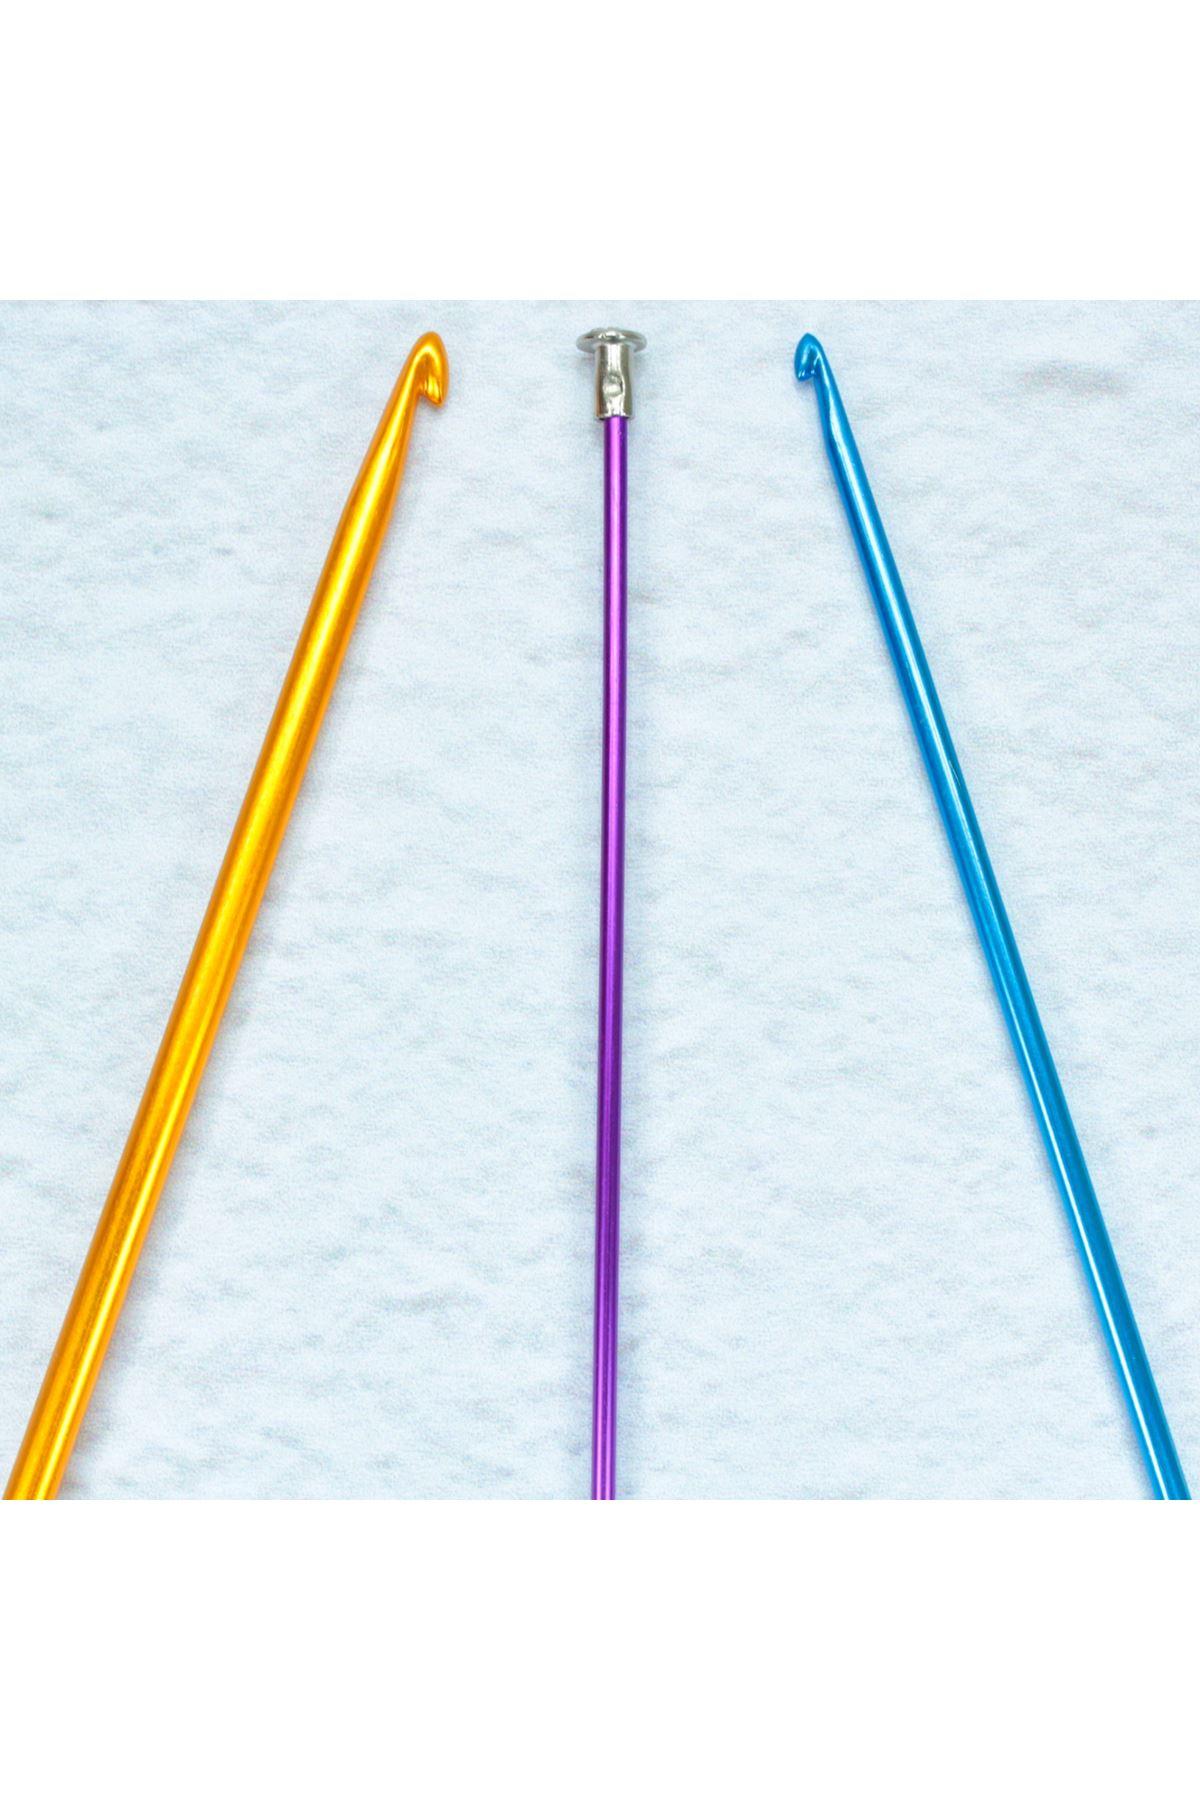 Renkli Metal Kısa Gagalı Şiş 25 cm